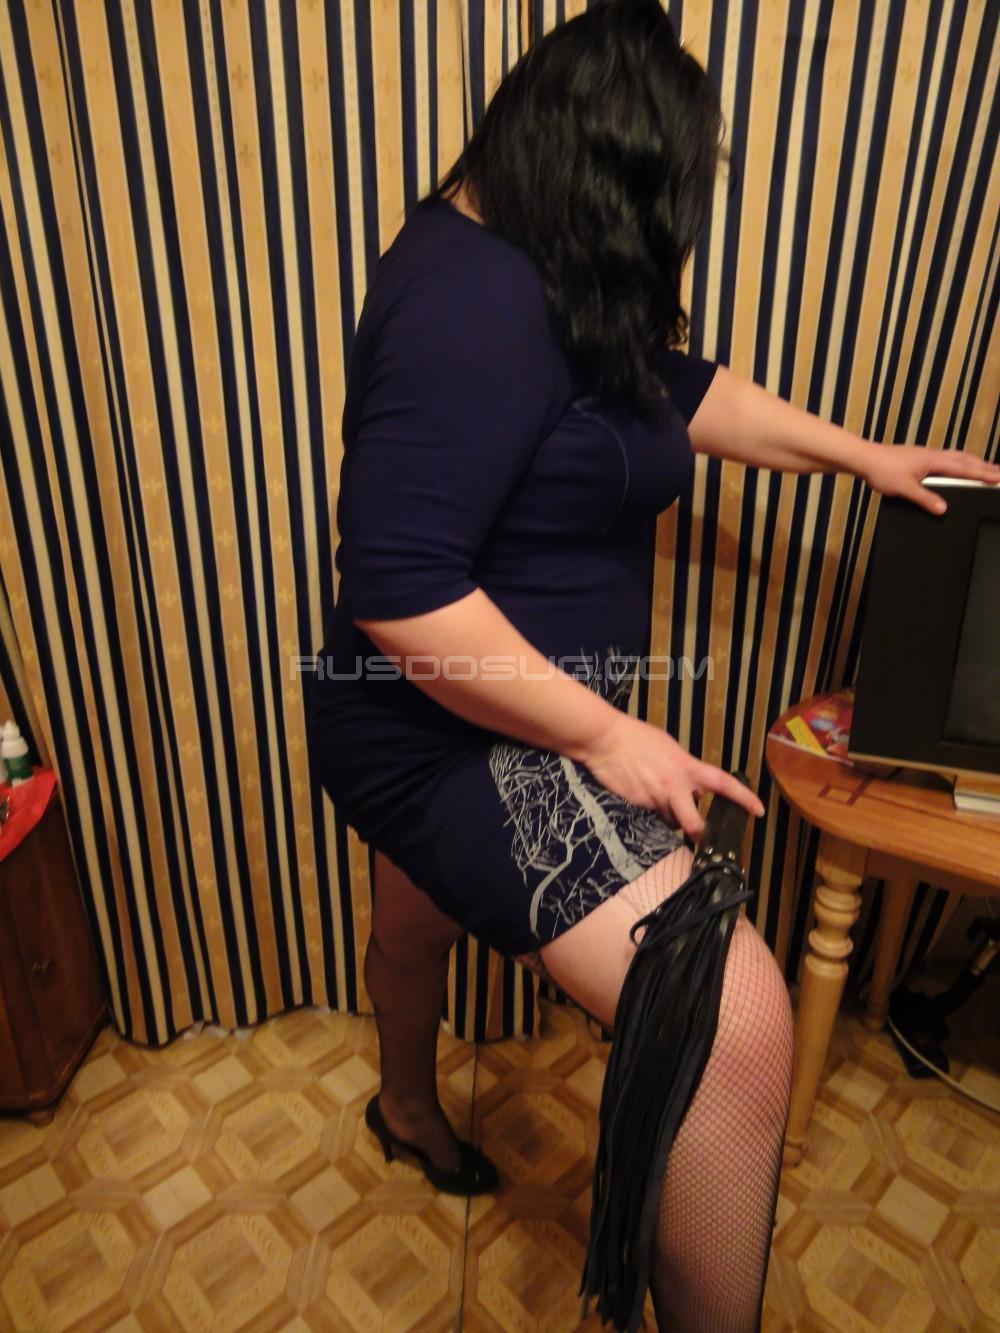 Услуги строгой госпожи ростов 5 фотография